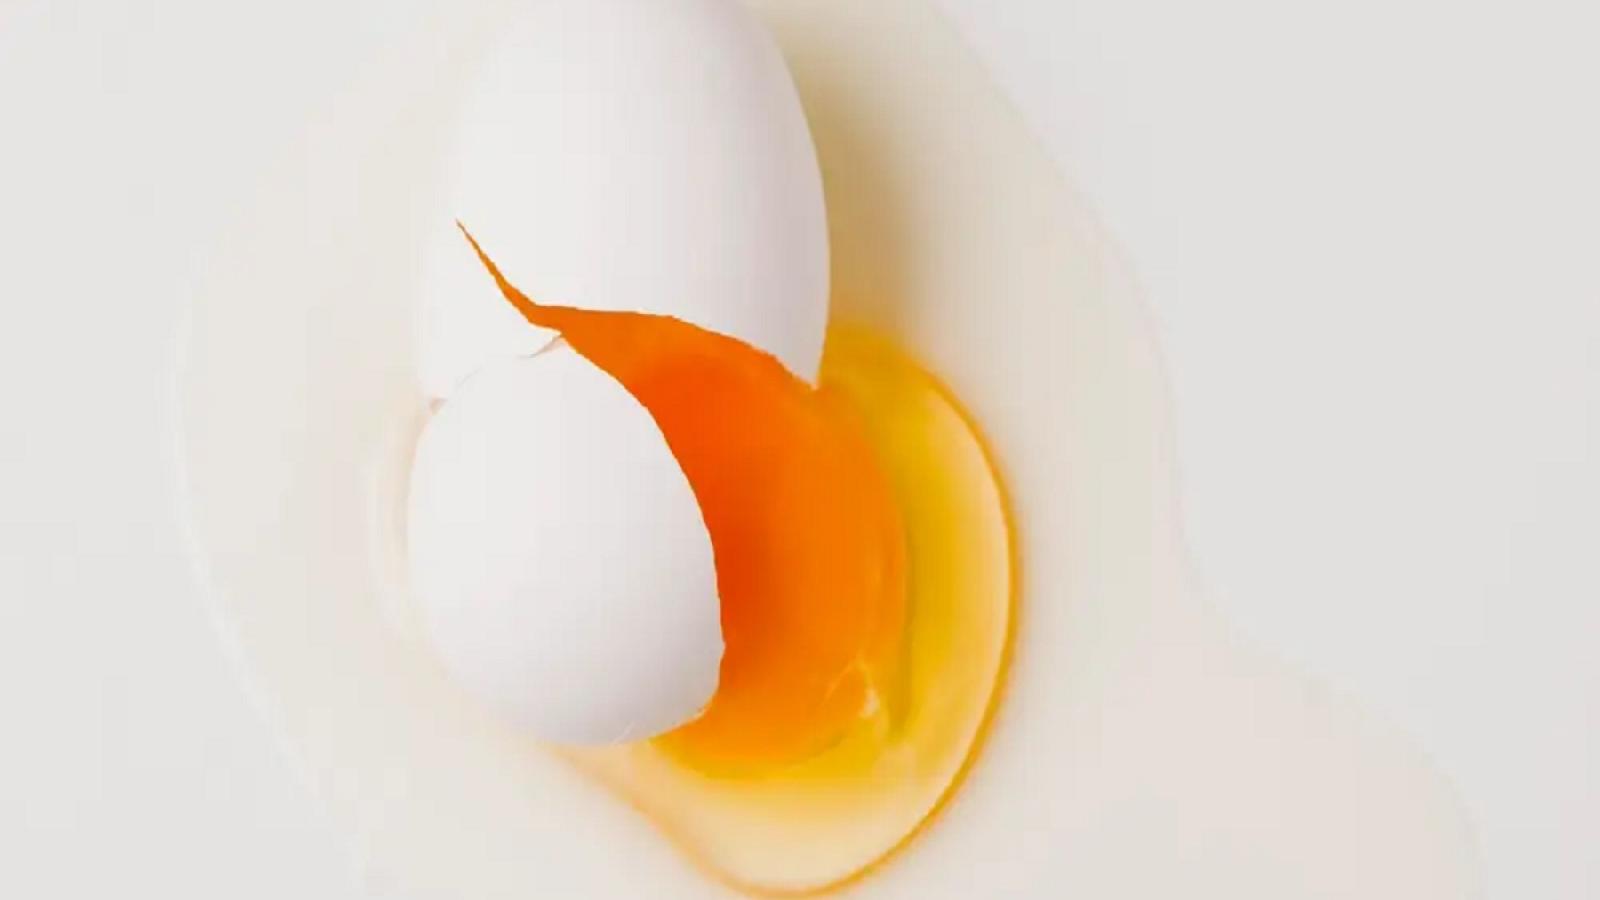 Dịch tiết âm đạo màu vàng: Dấu hiệu cảnh báo sức khỏe bất thường ở phụ nữ